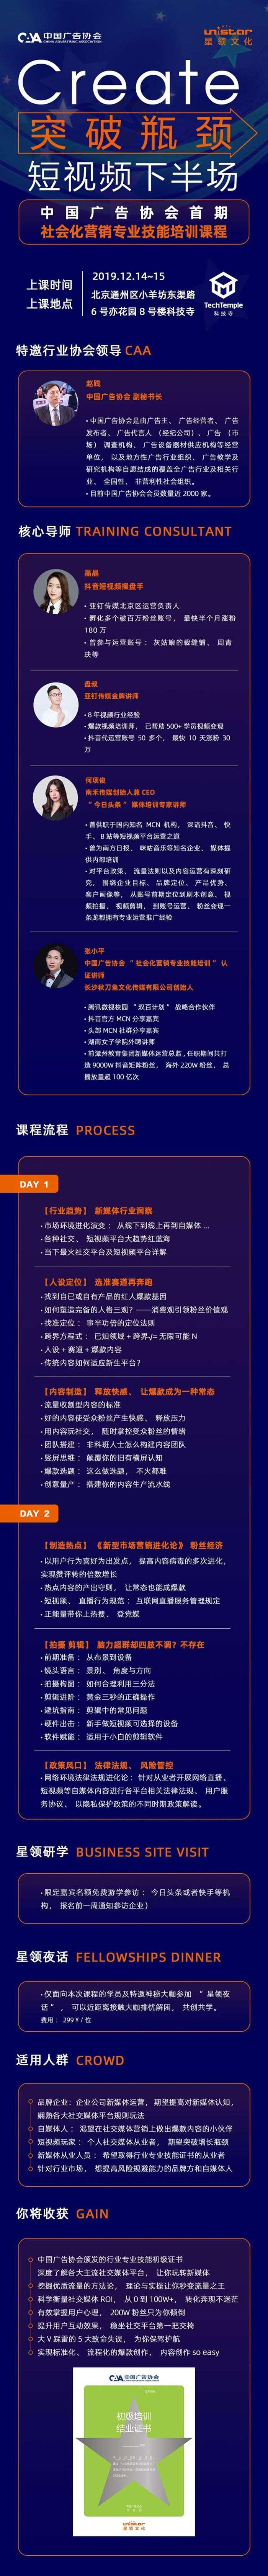 星领文化线下课程长图20191209 活动行长图-01.jpg